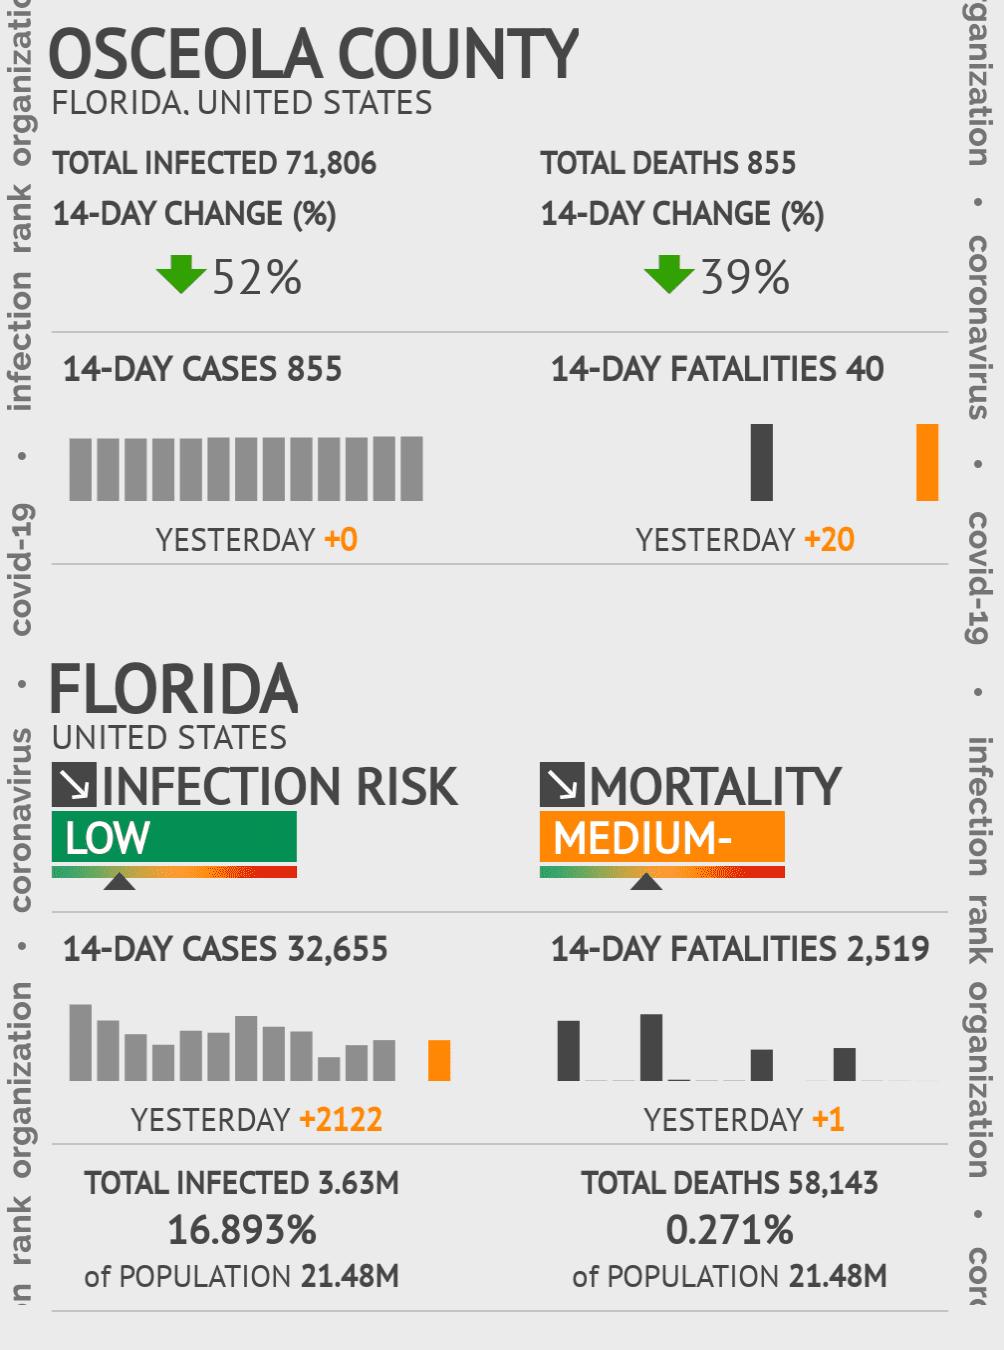 Osceola County Coronavirus Covid-19 Risk of Infection on July 24, 2021